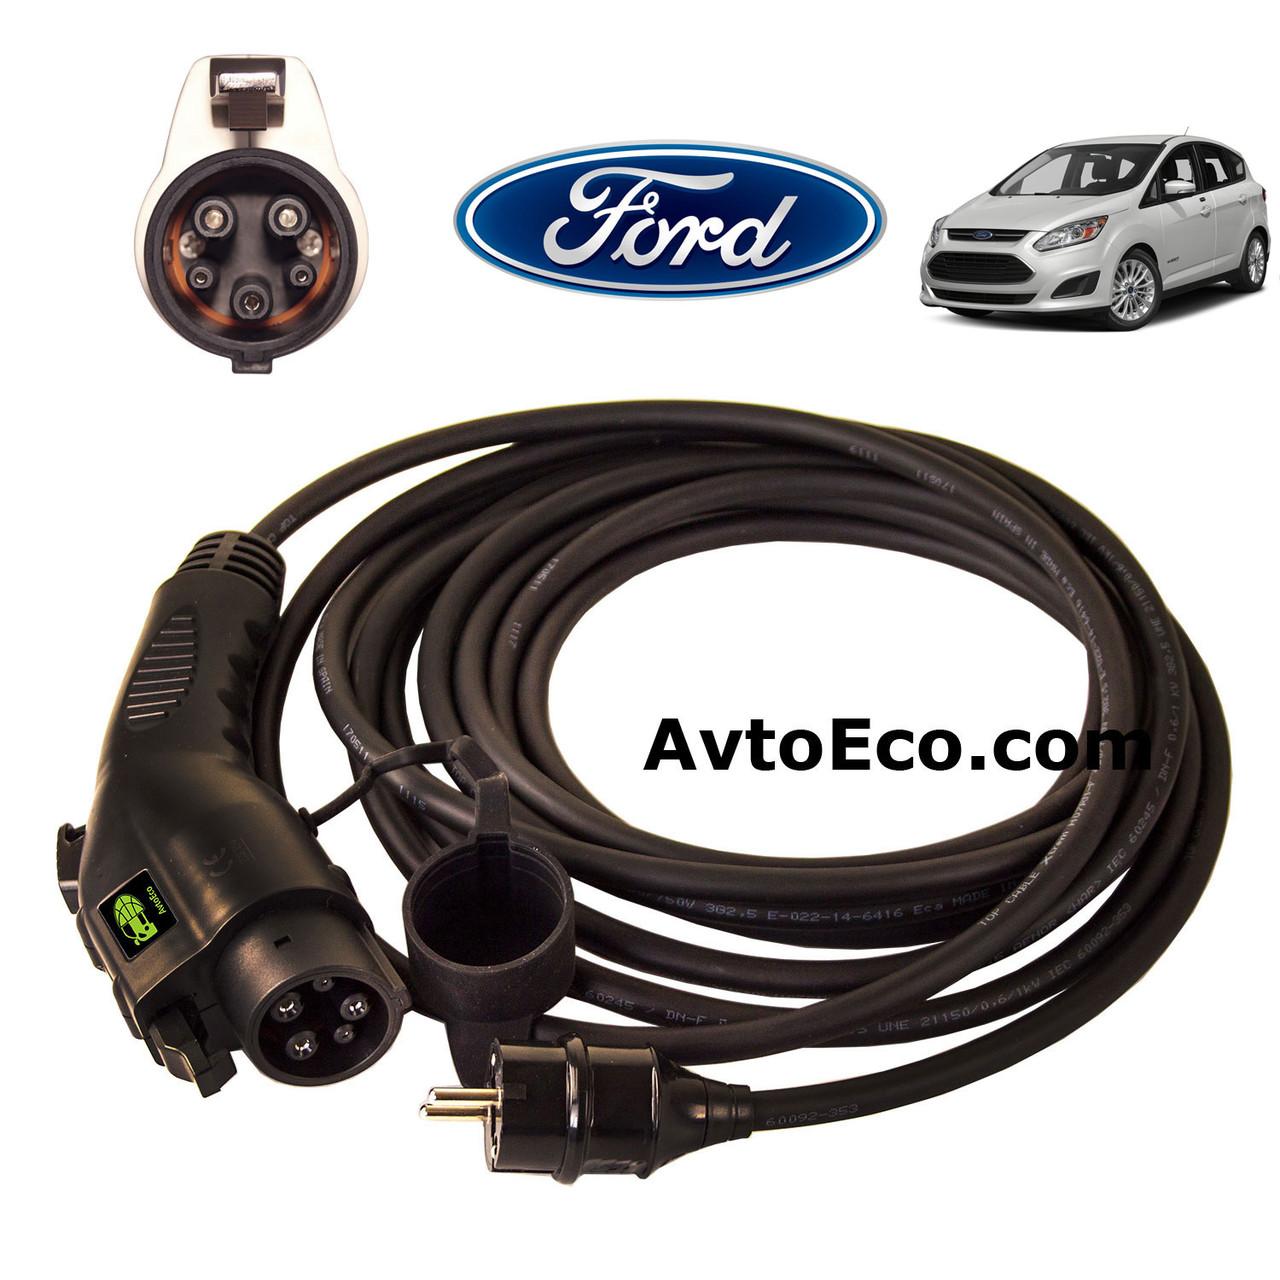 Зарядное устройство для электромобиля Ford C-Max Erergi AutoEco J1772-16A, фото 1